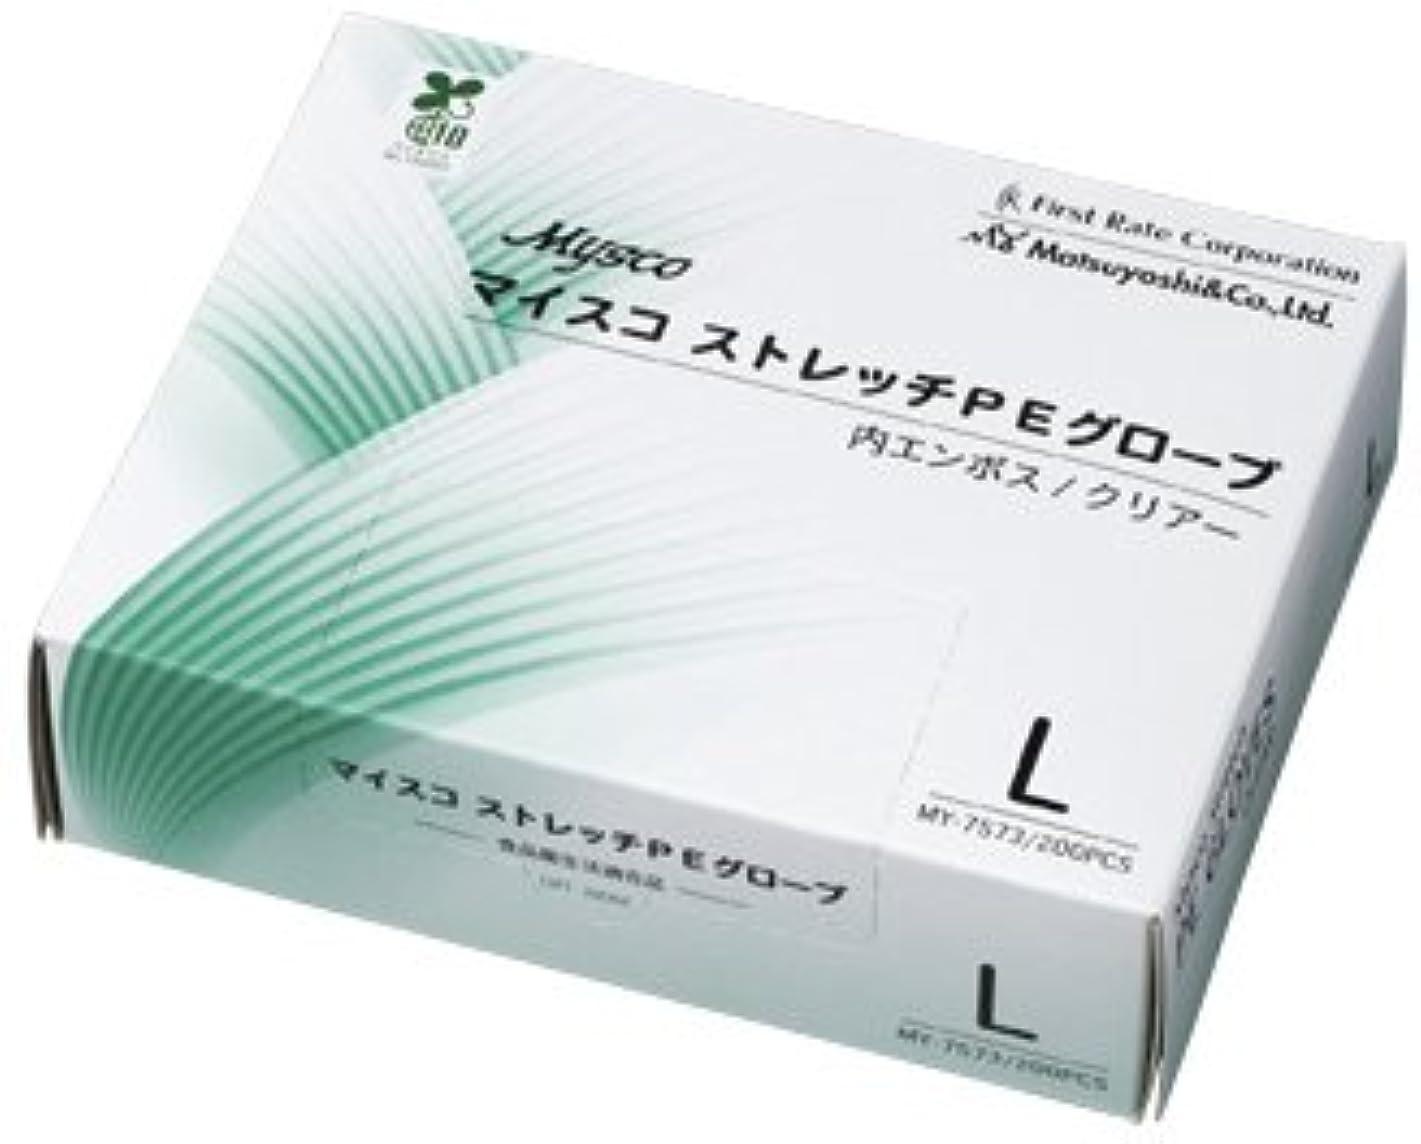 ピカリングパノラマ赤面マイスコストレッチPEグローブ MY-7573(L)200???? ?????????PE??????(24-5750-02)[1箱単位]